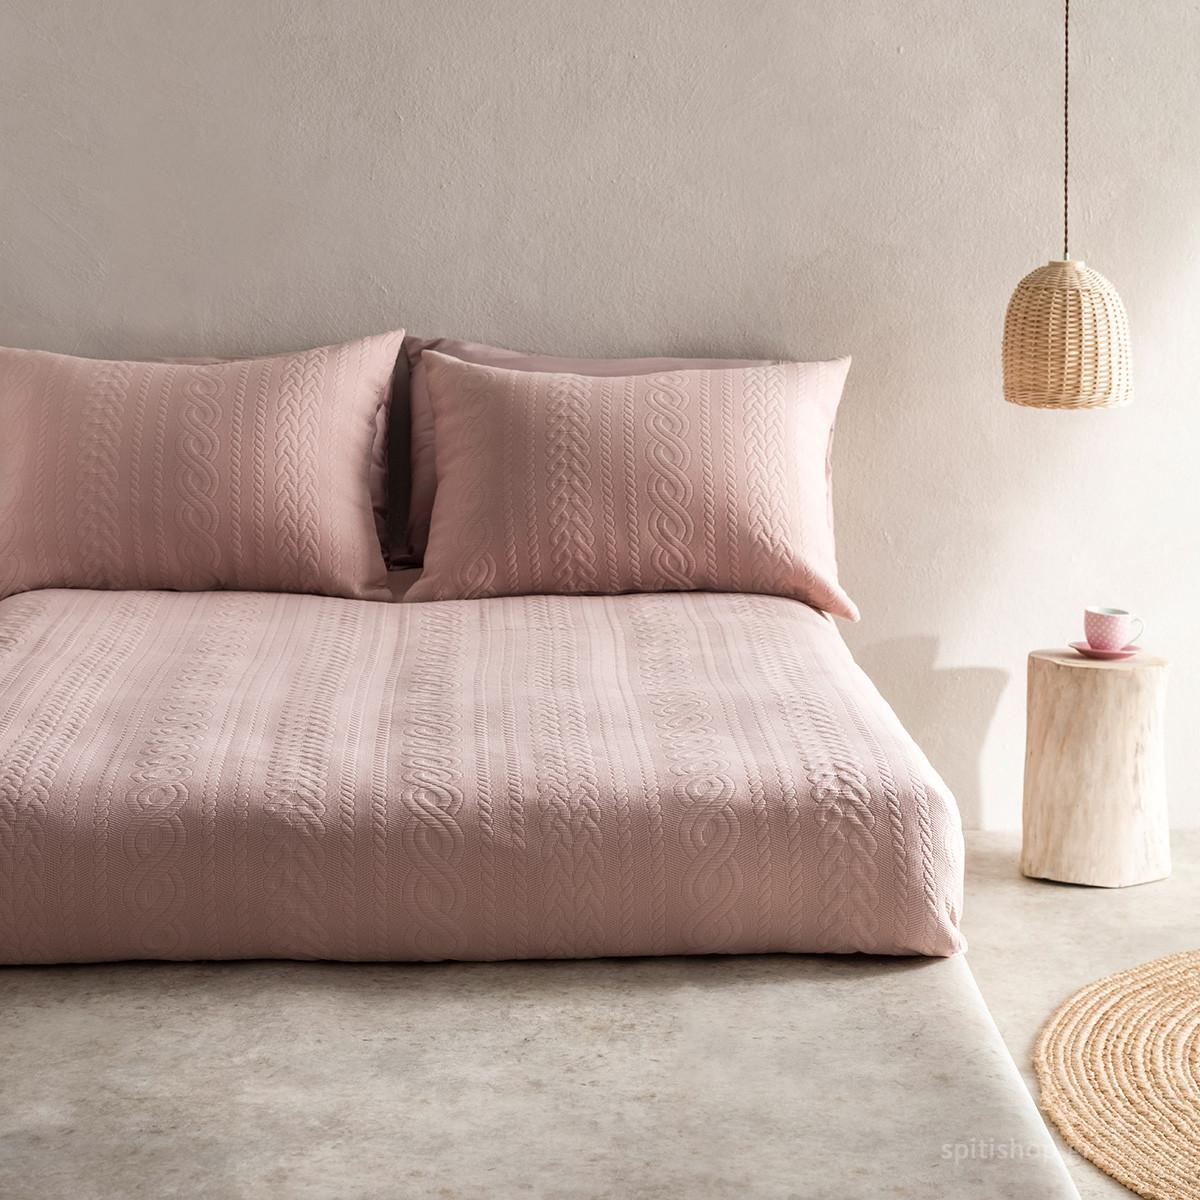 Κουβερτόριο Υπέρδιπλο Gofis Home Meche Pink 989/17